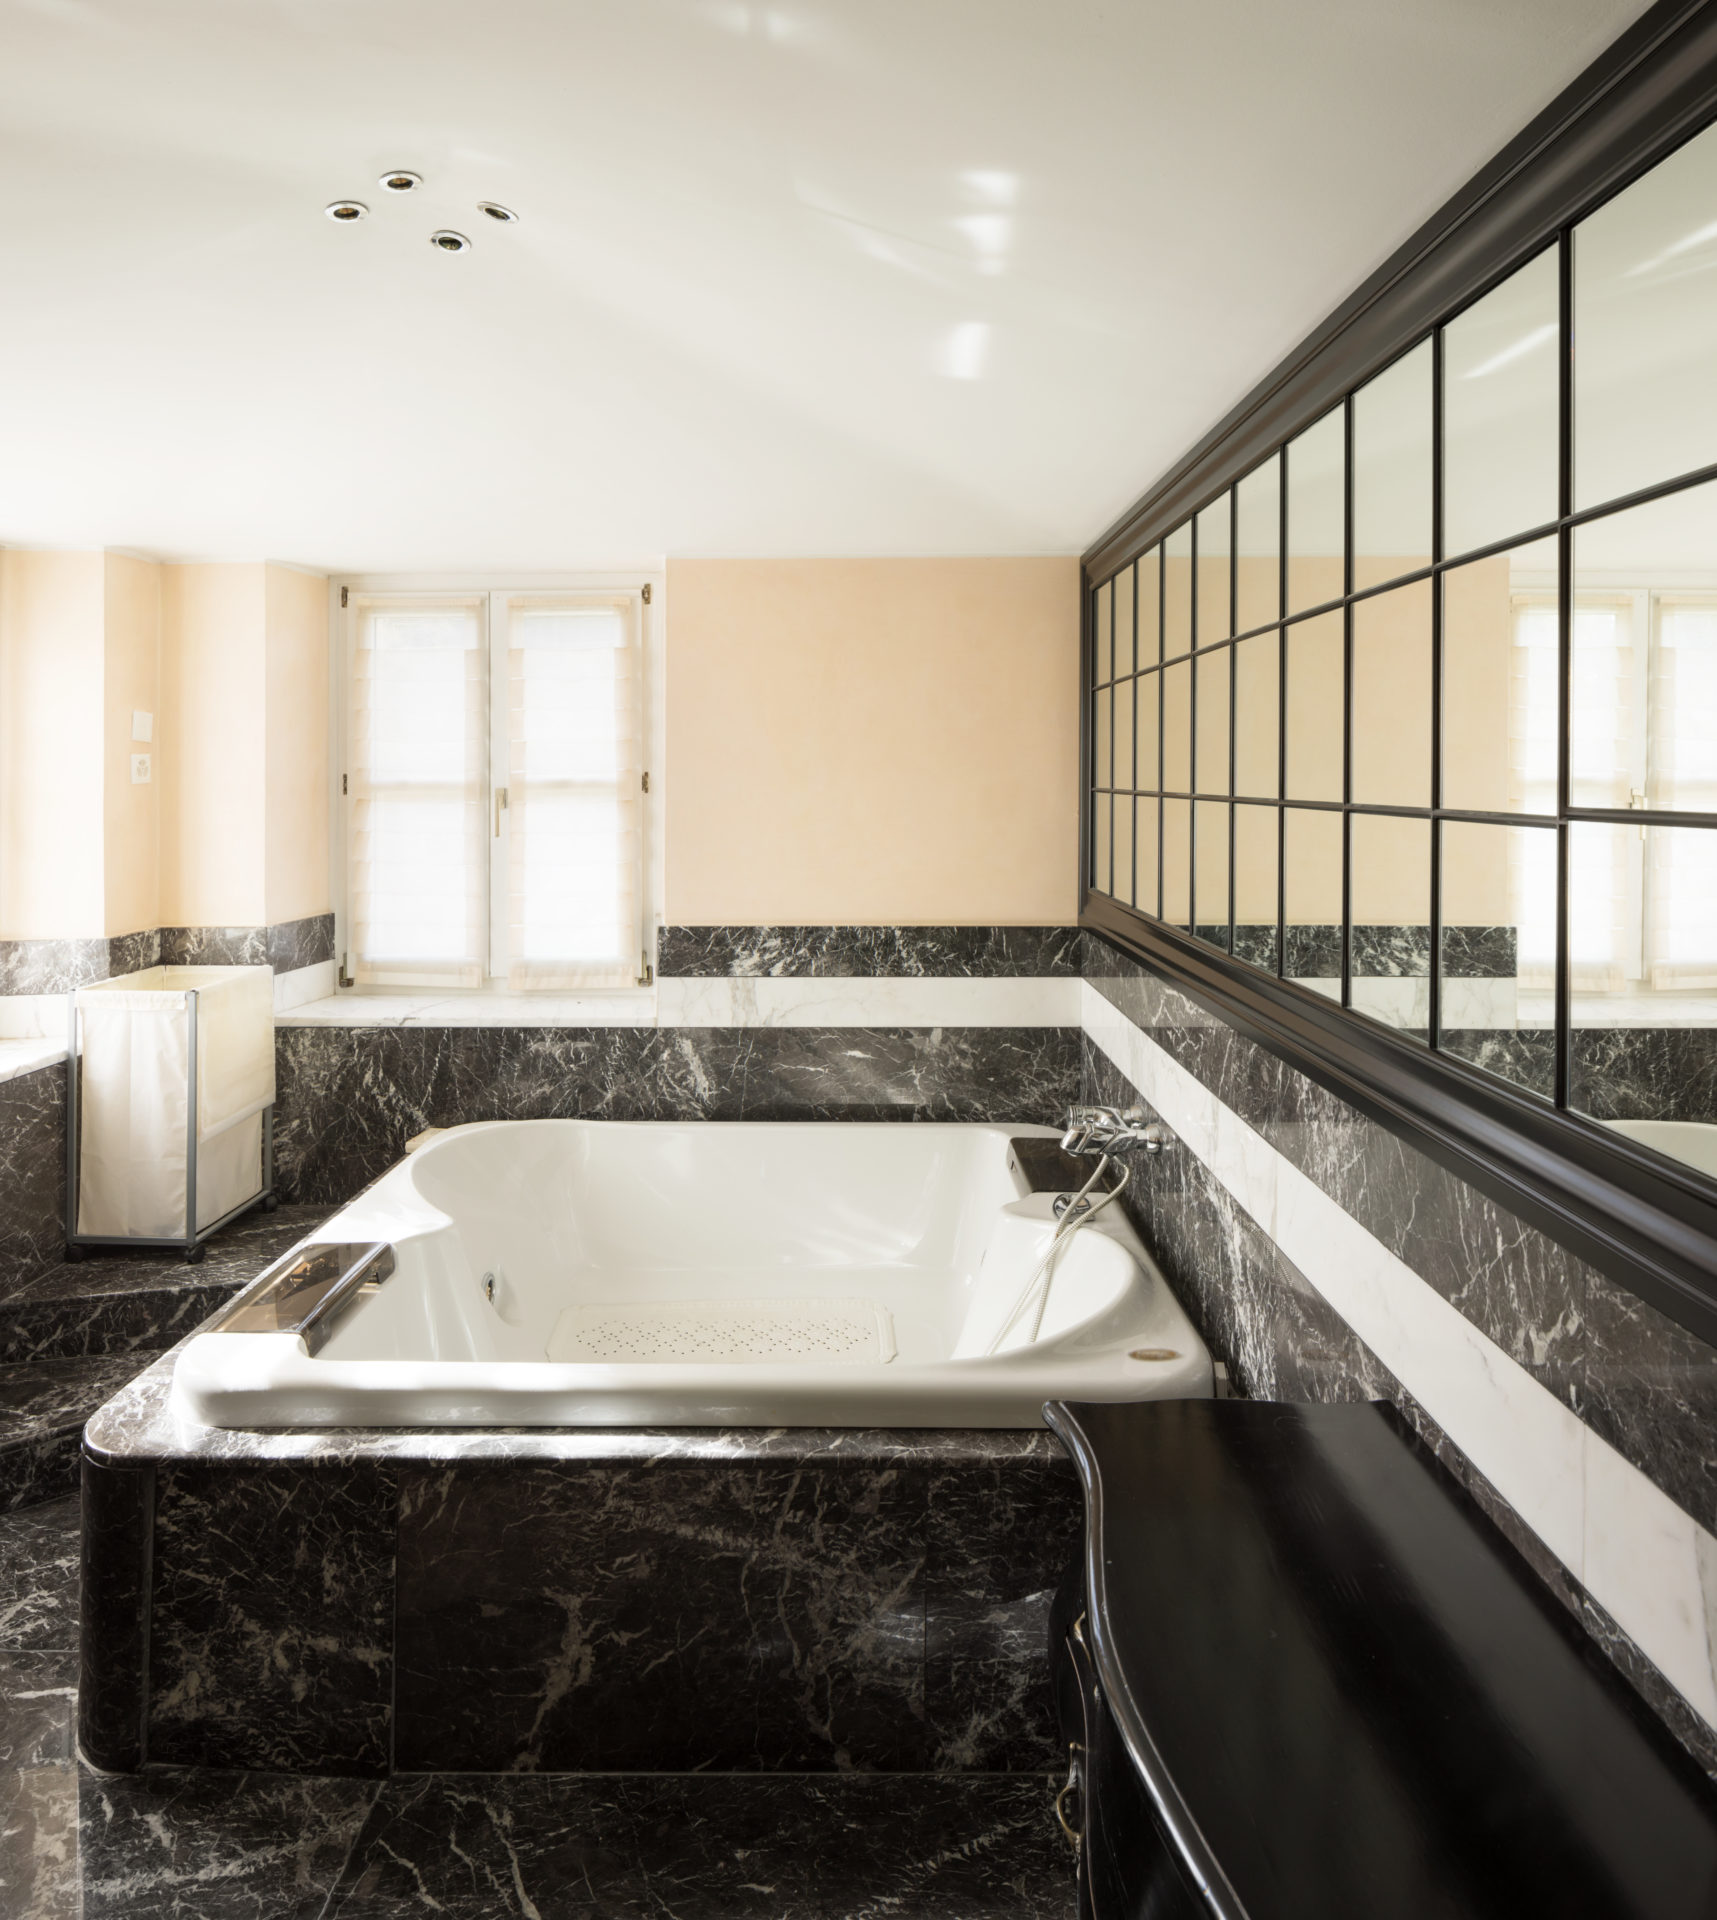 Wizualizacja łazienki z wykorzystaniem ciemnego granitu